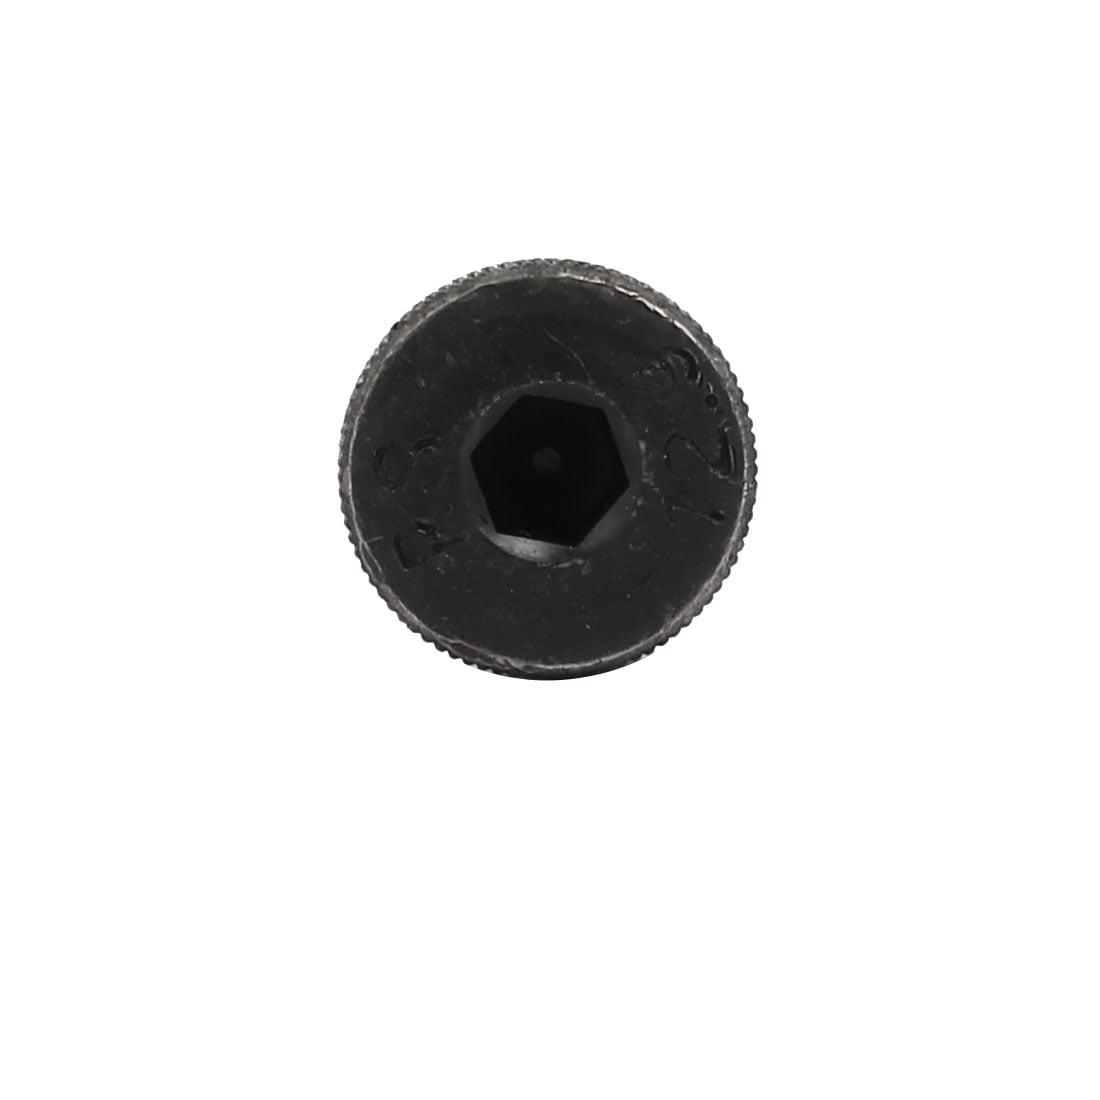 2pcs 40Cr Shoulder Bolt 10mm Shoulder Dia 95mm Shoulder Length M8x13mm Thread - image 1 of 3